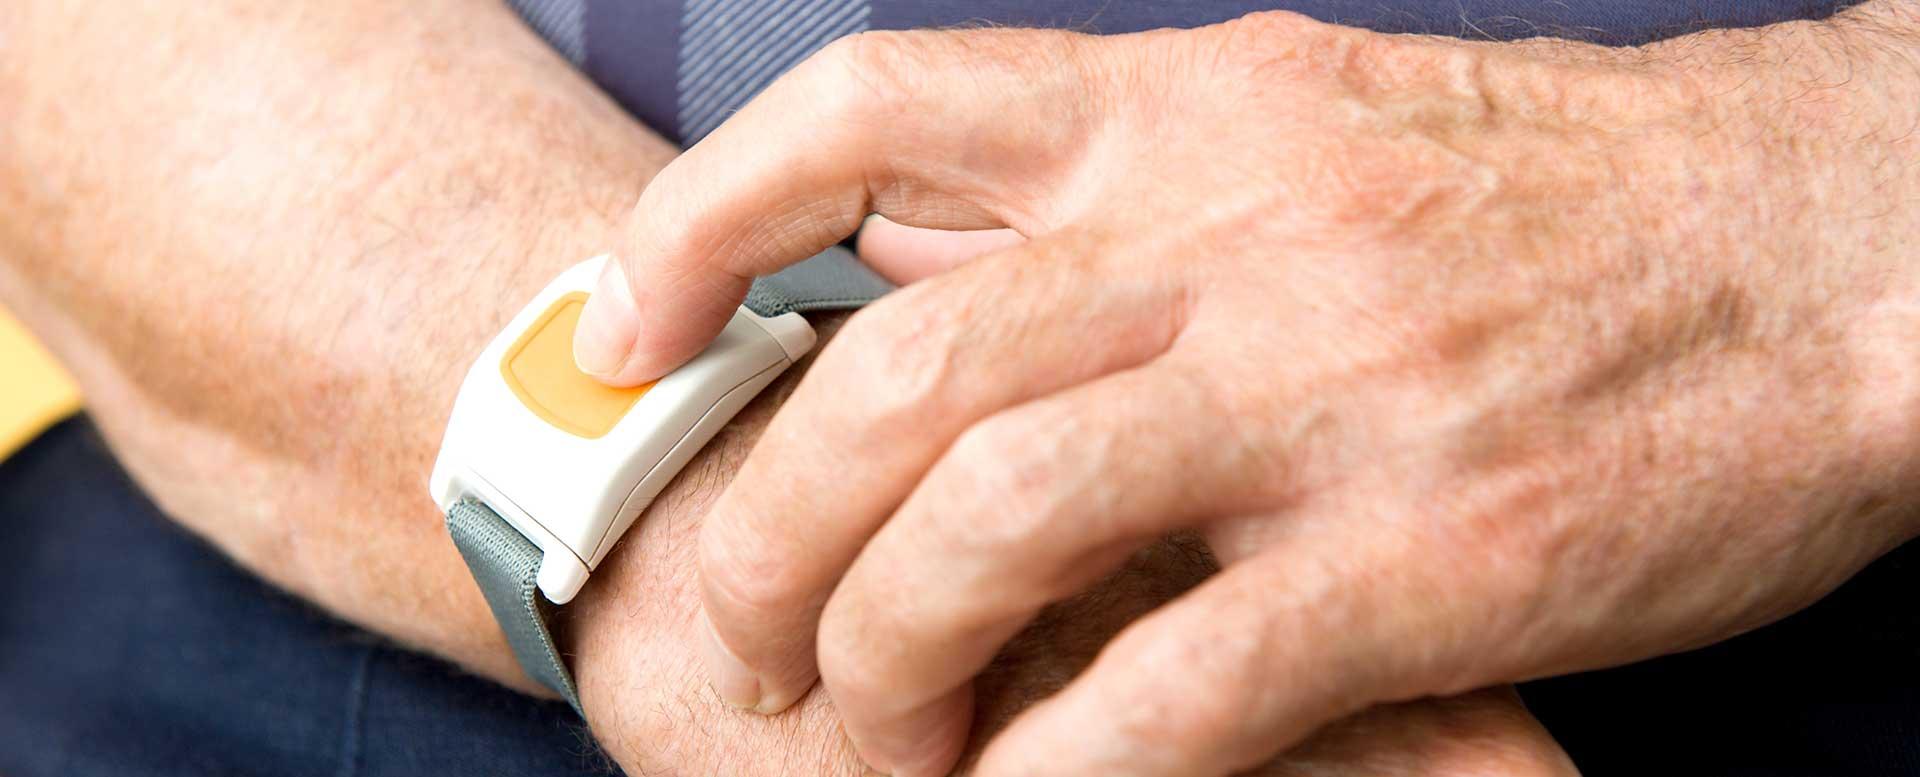 Technische Assistenzsysteme - Armband als Notrufsystem